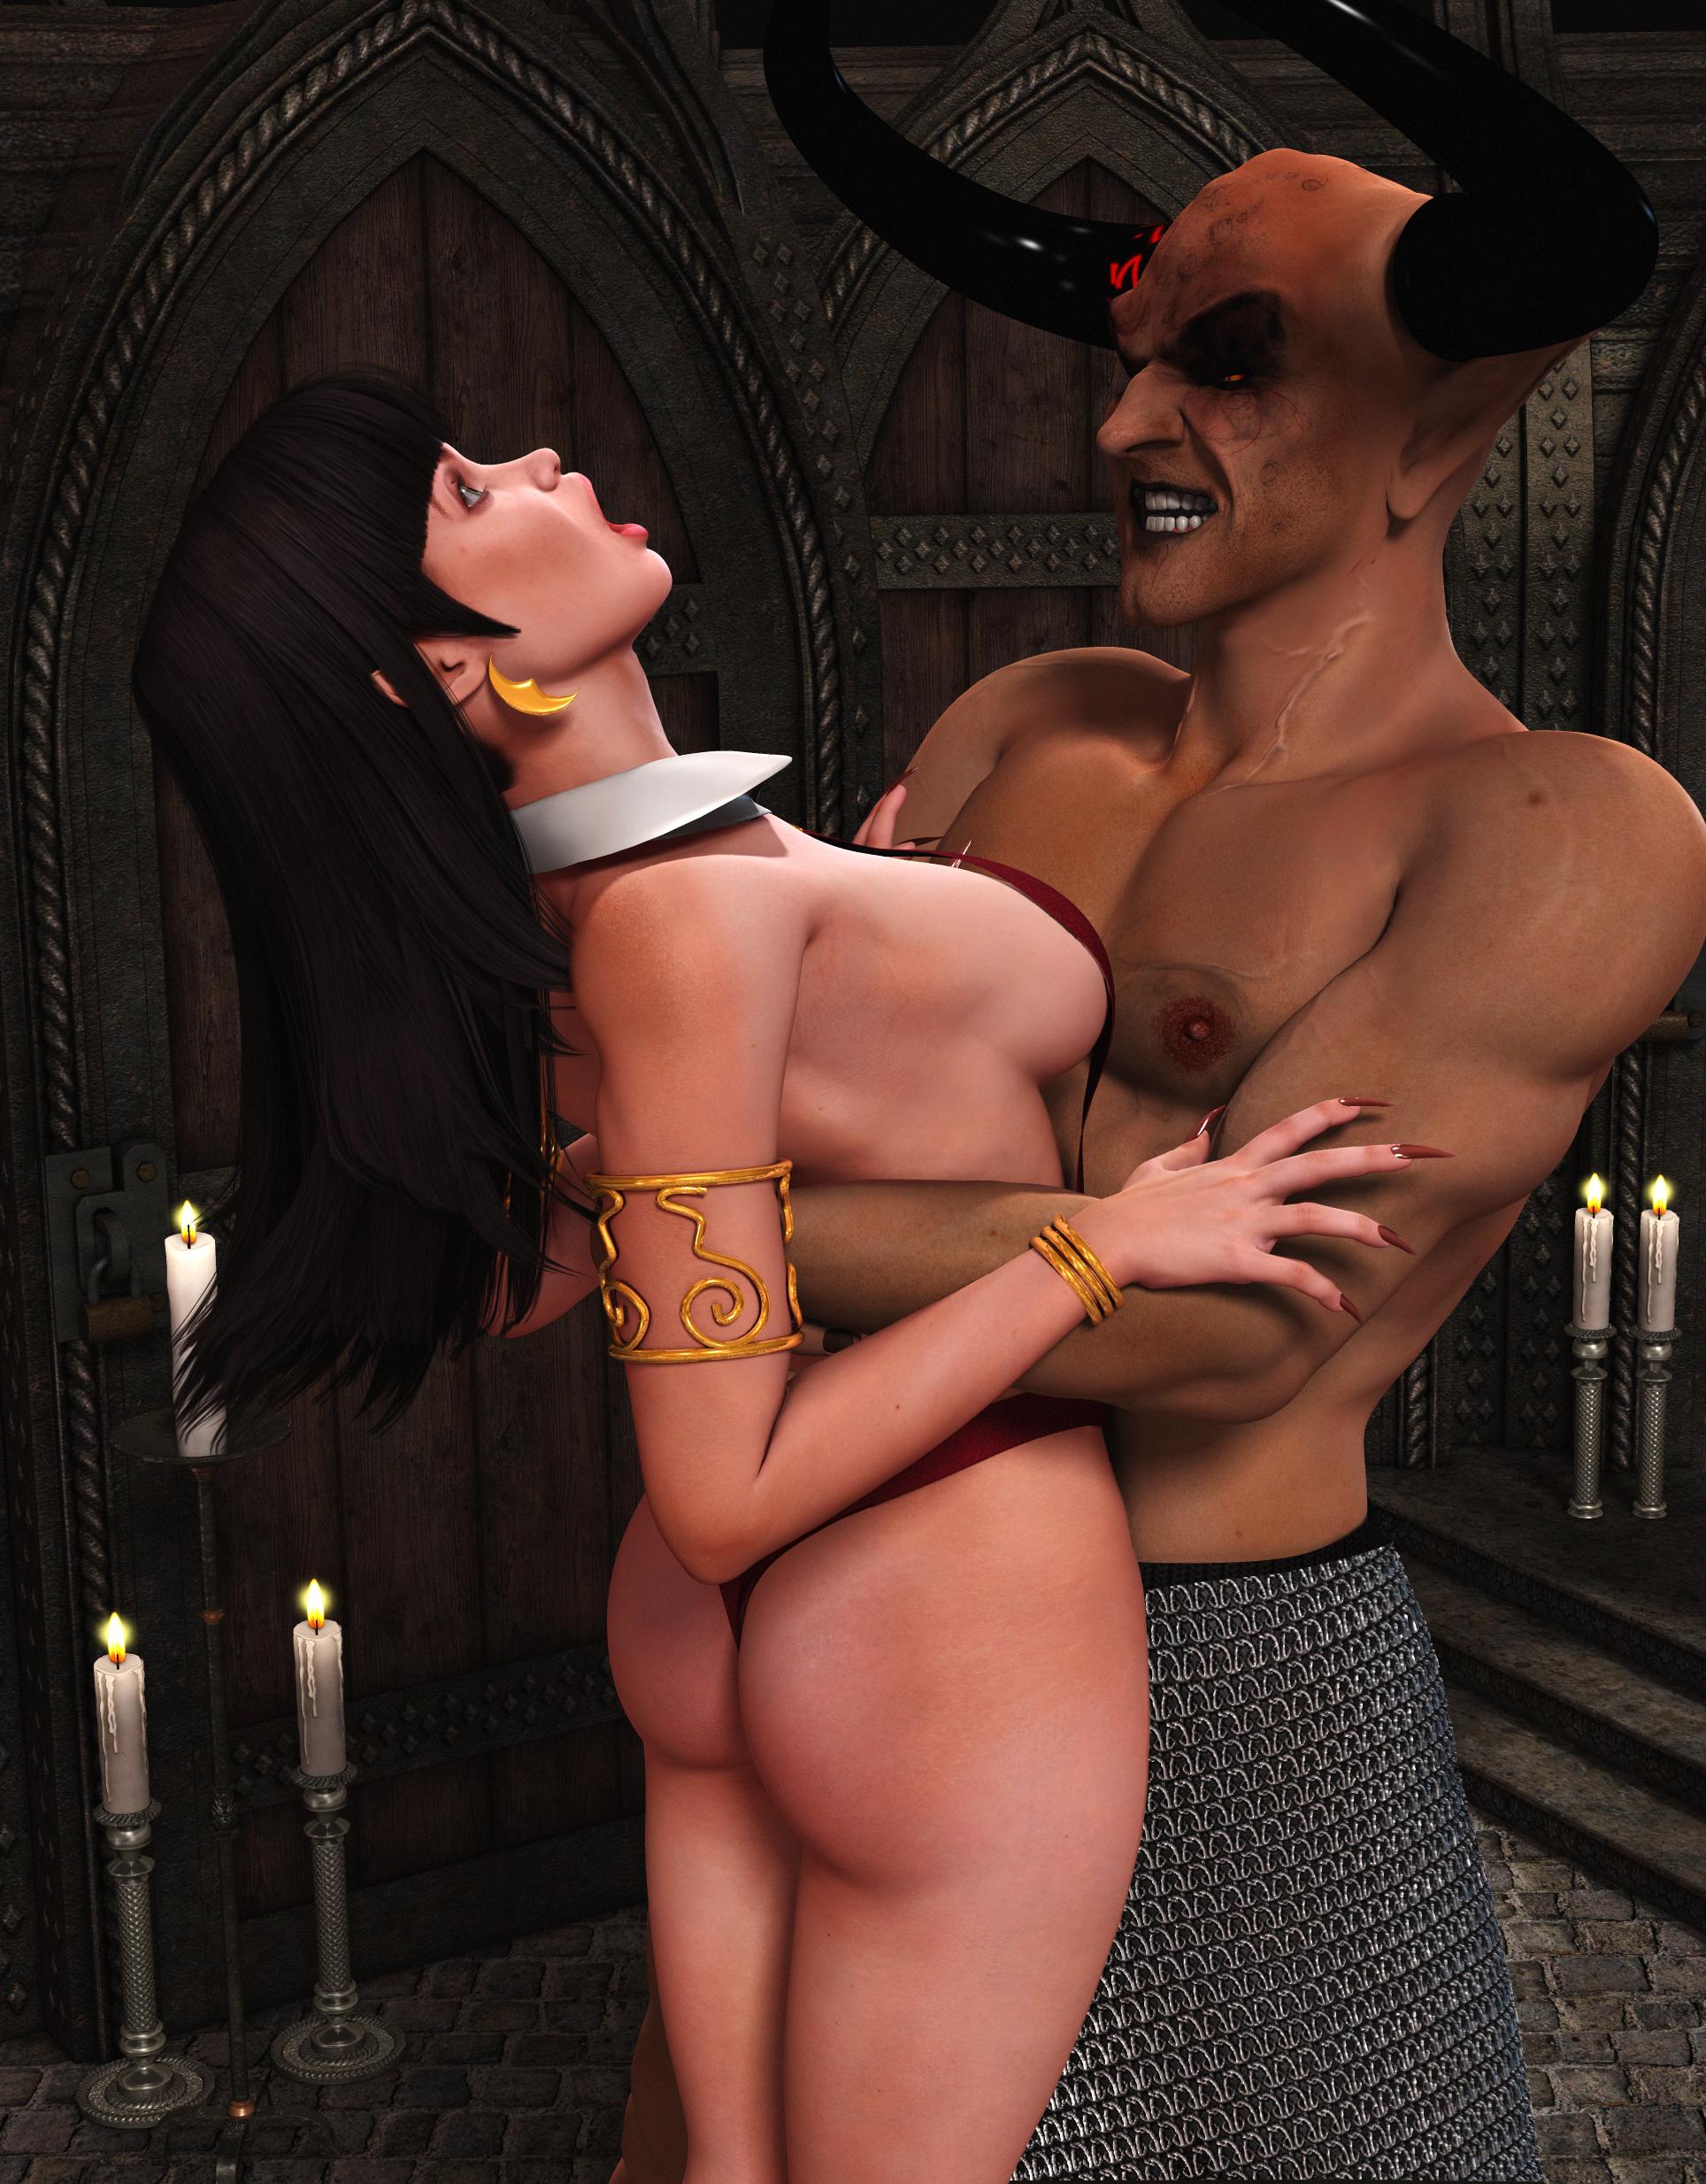 VAMPIRELLA: DemonHug